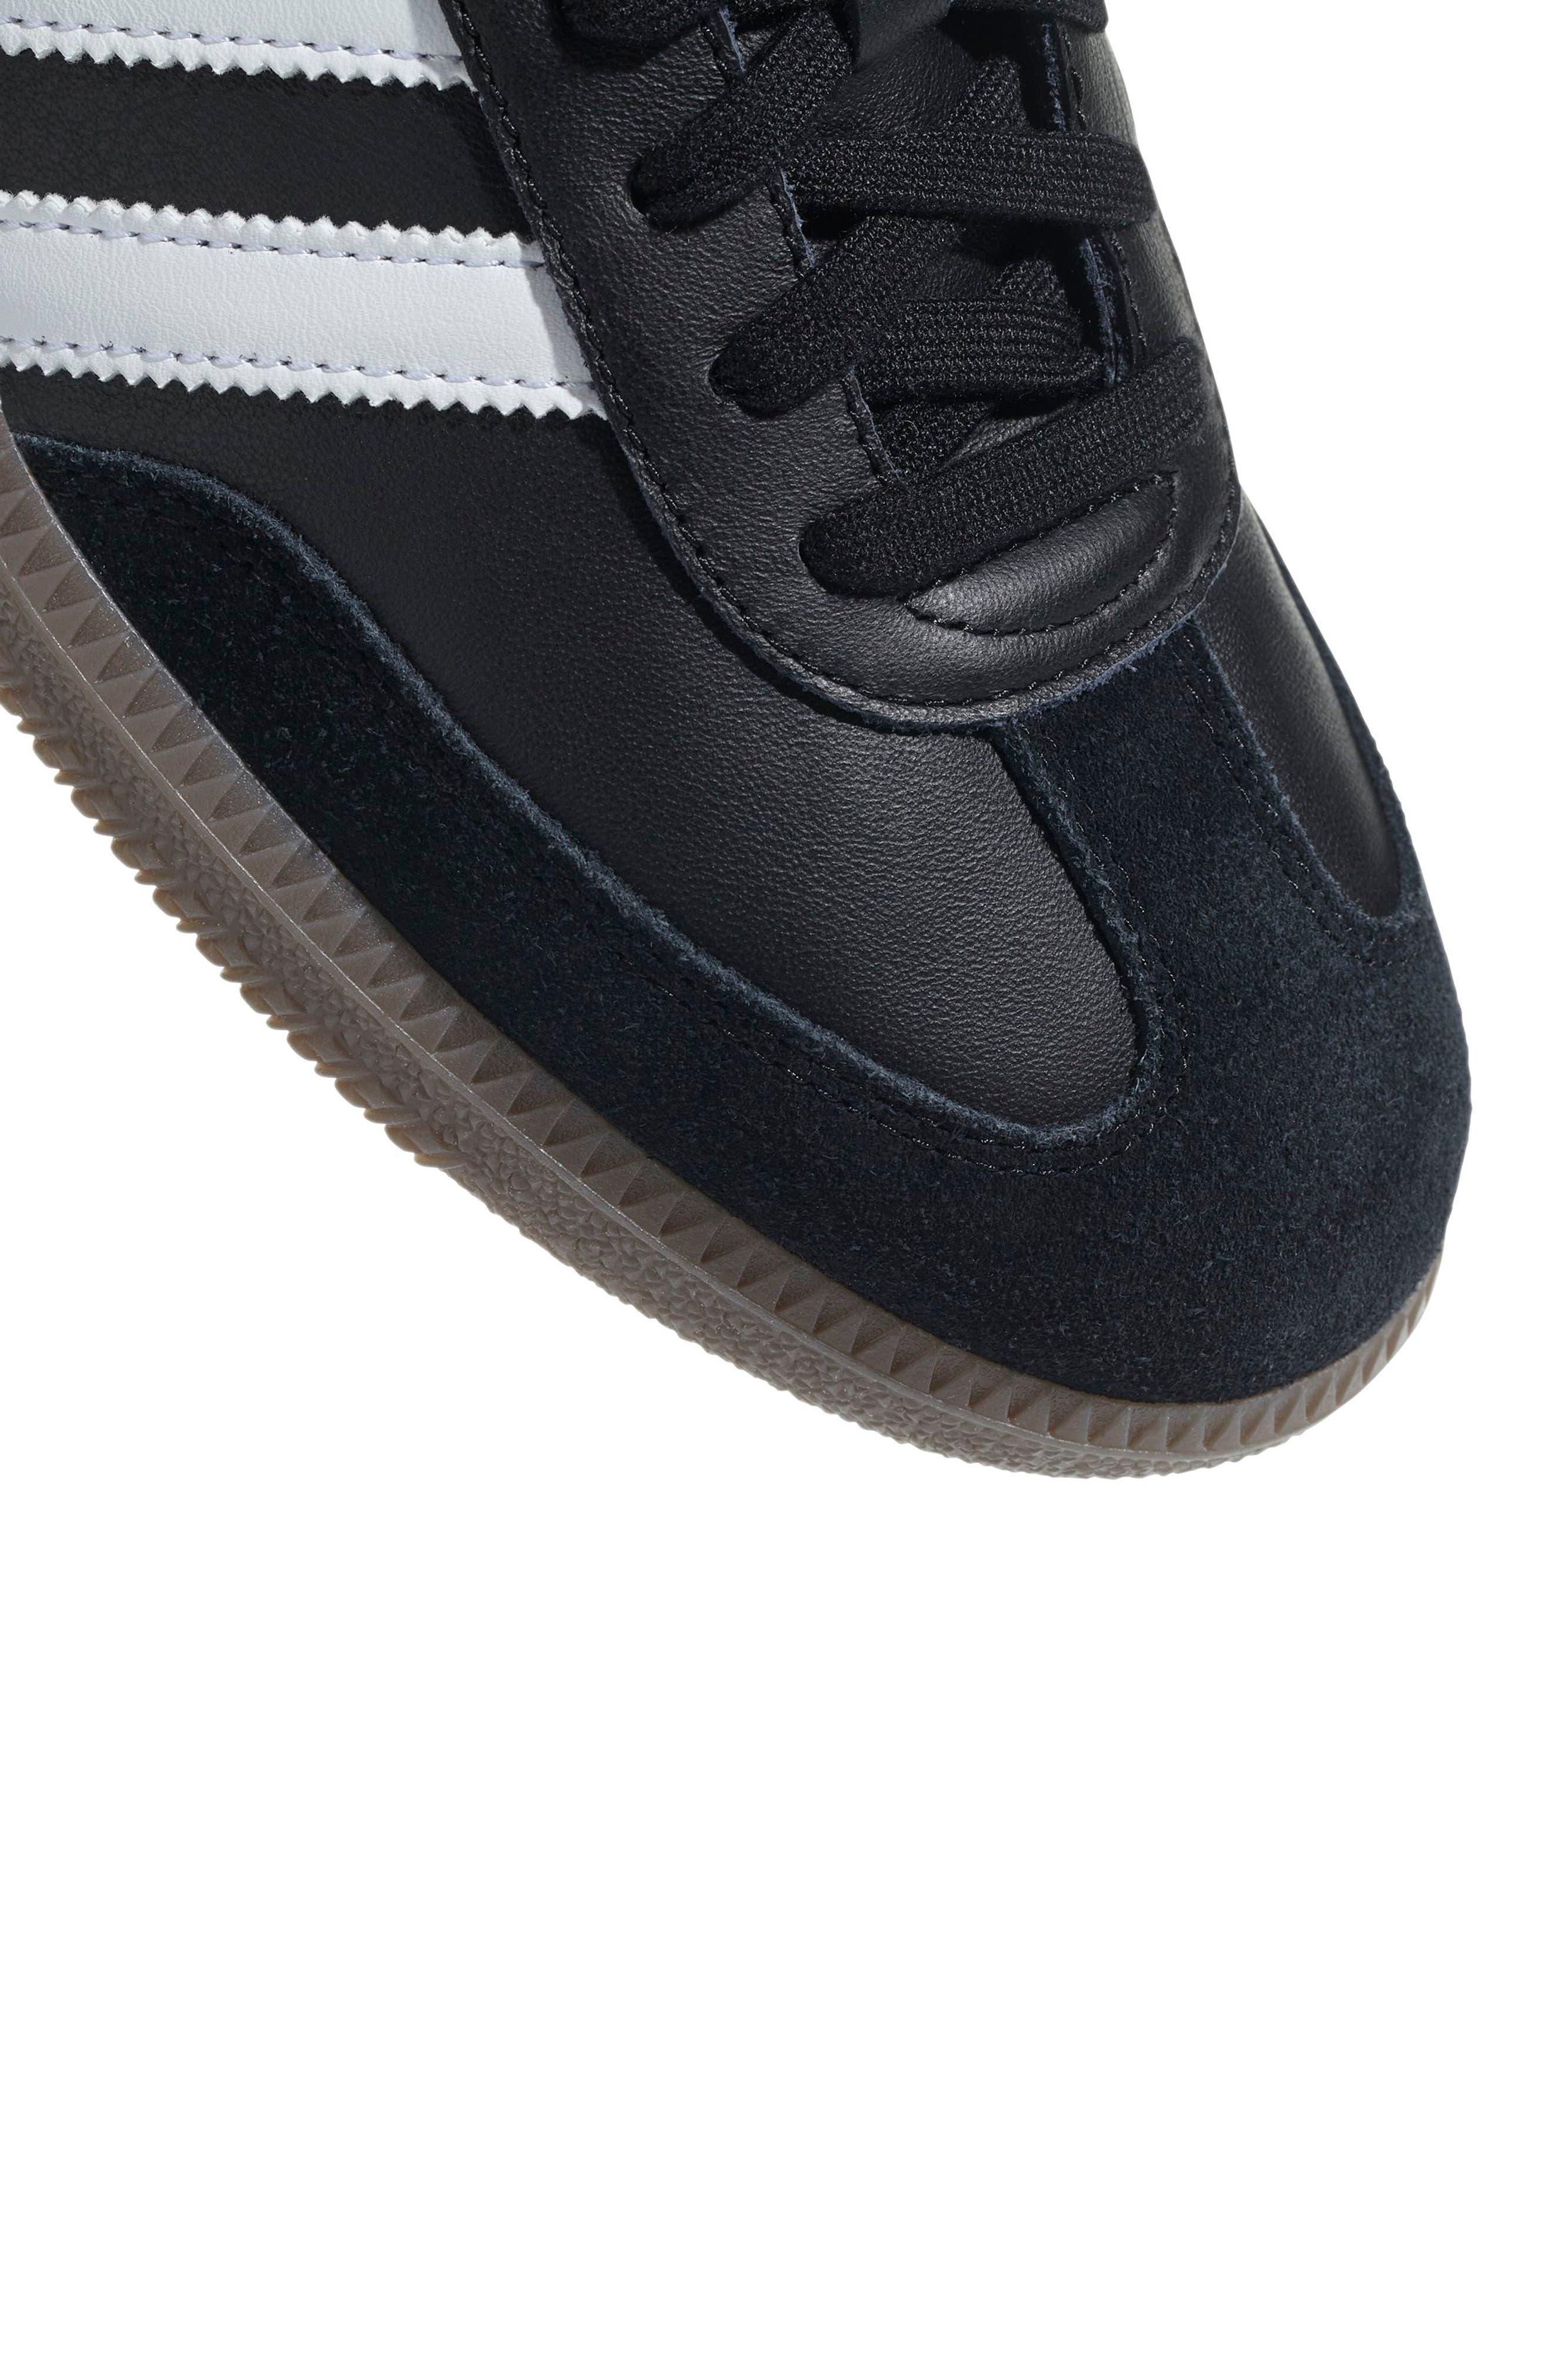 Samba OG Sneaker,                             Alternate thumbnail 7, color,                             BLACK/ WHITE/ GUM